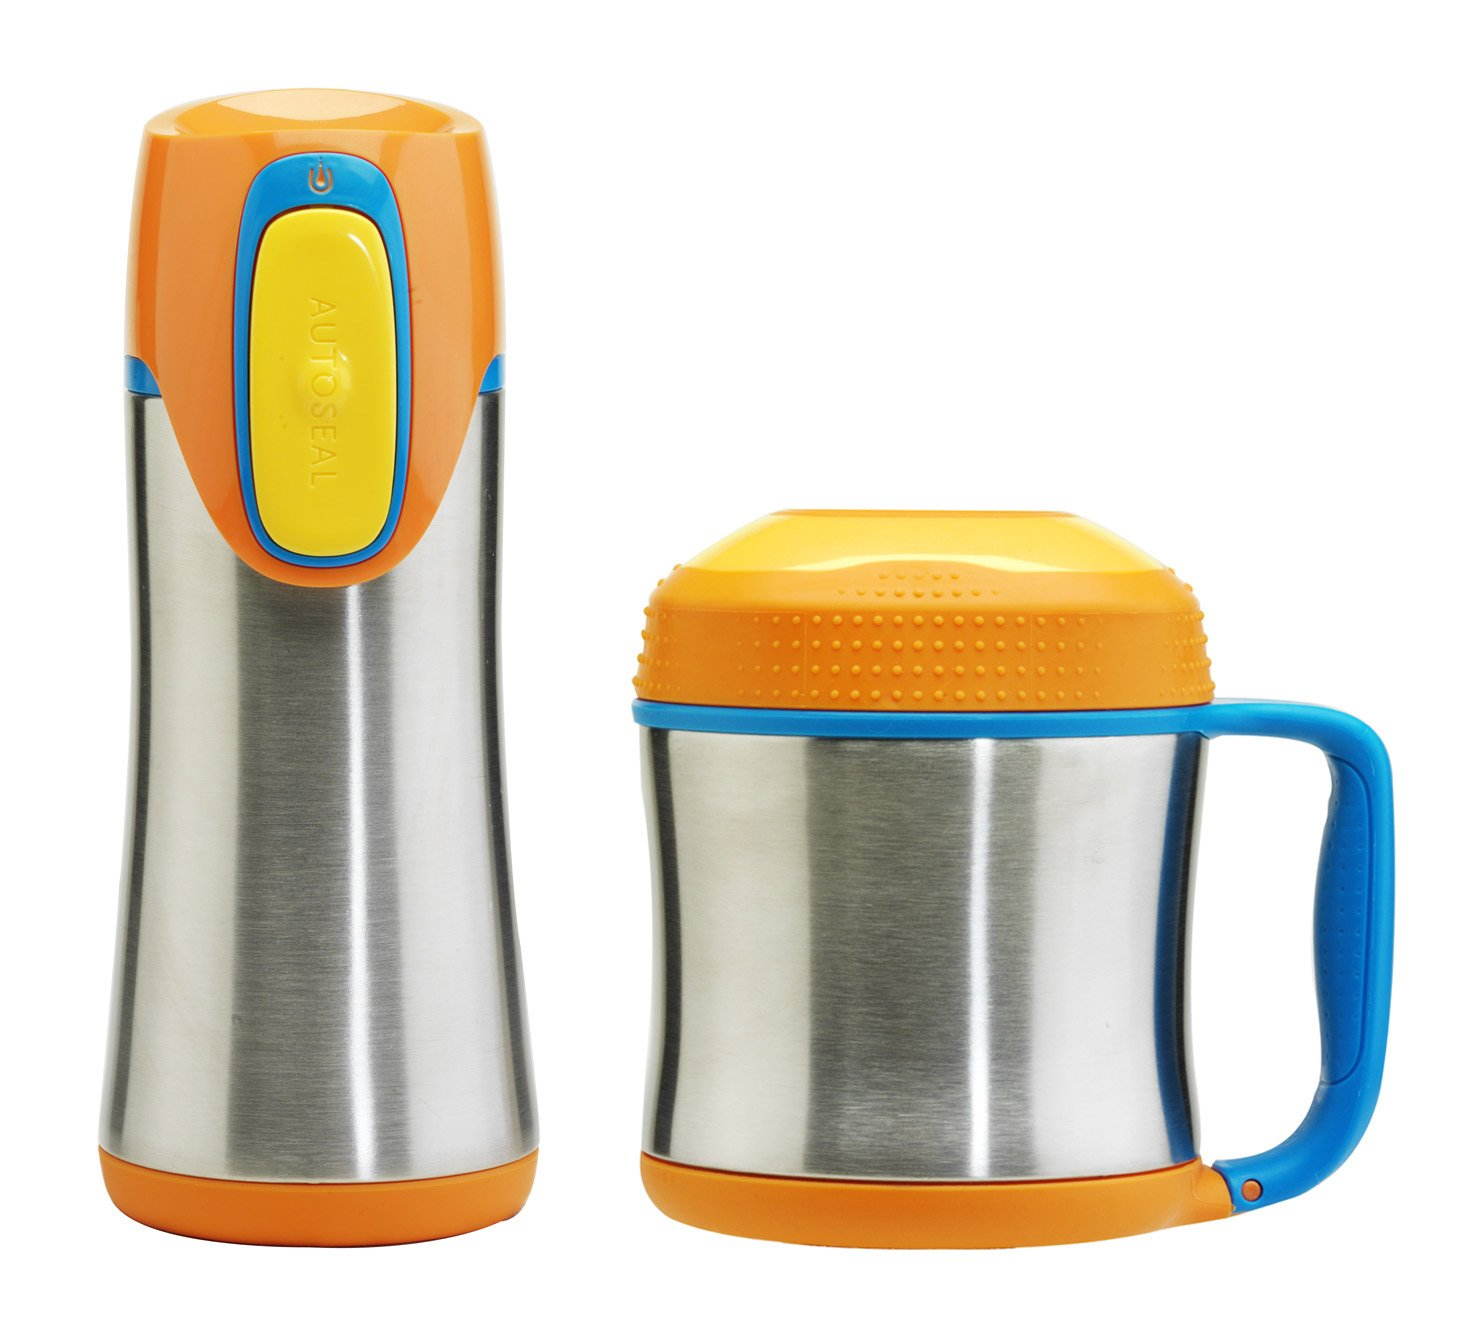 Premier Housewares Contigo Kids Scout Isoliergefäß und Thermobecher je 330 ml Orange    Kundenbewertungen